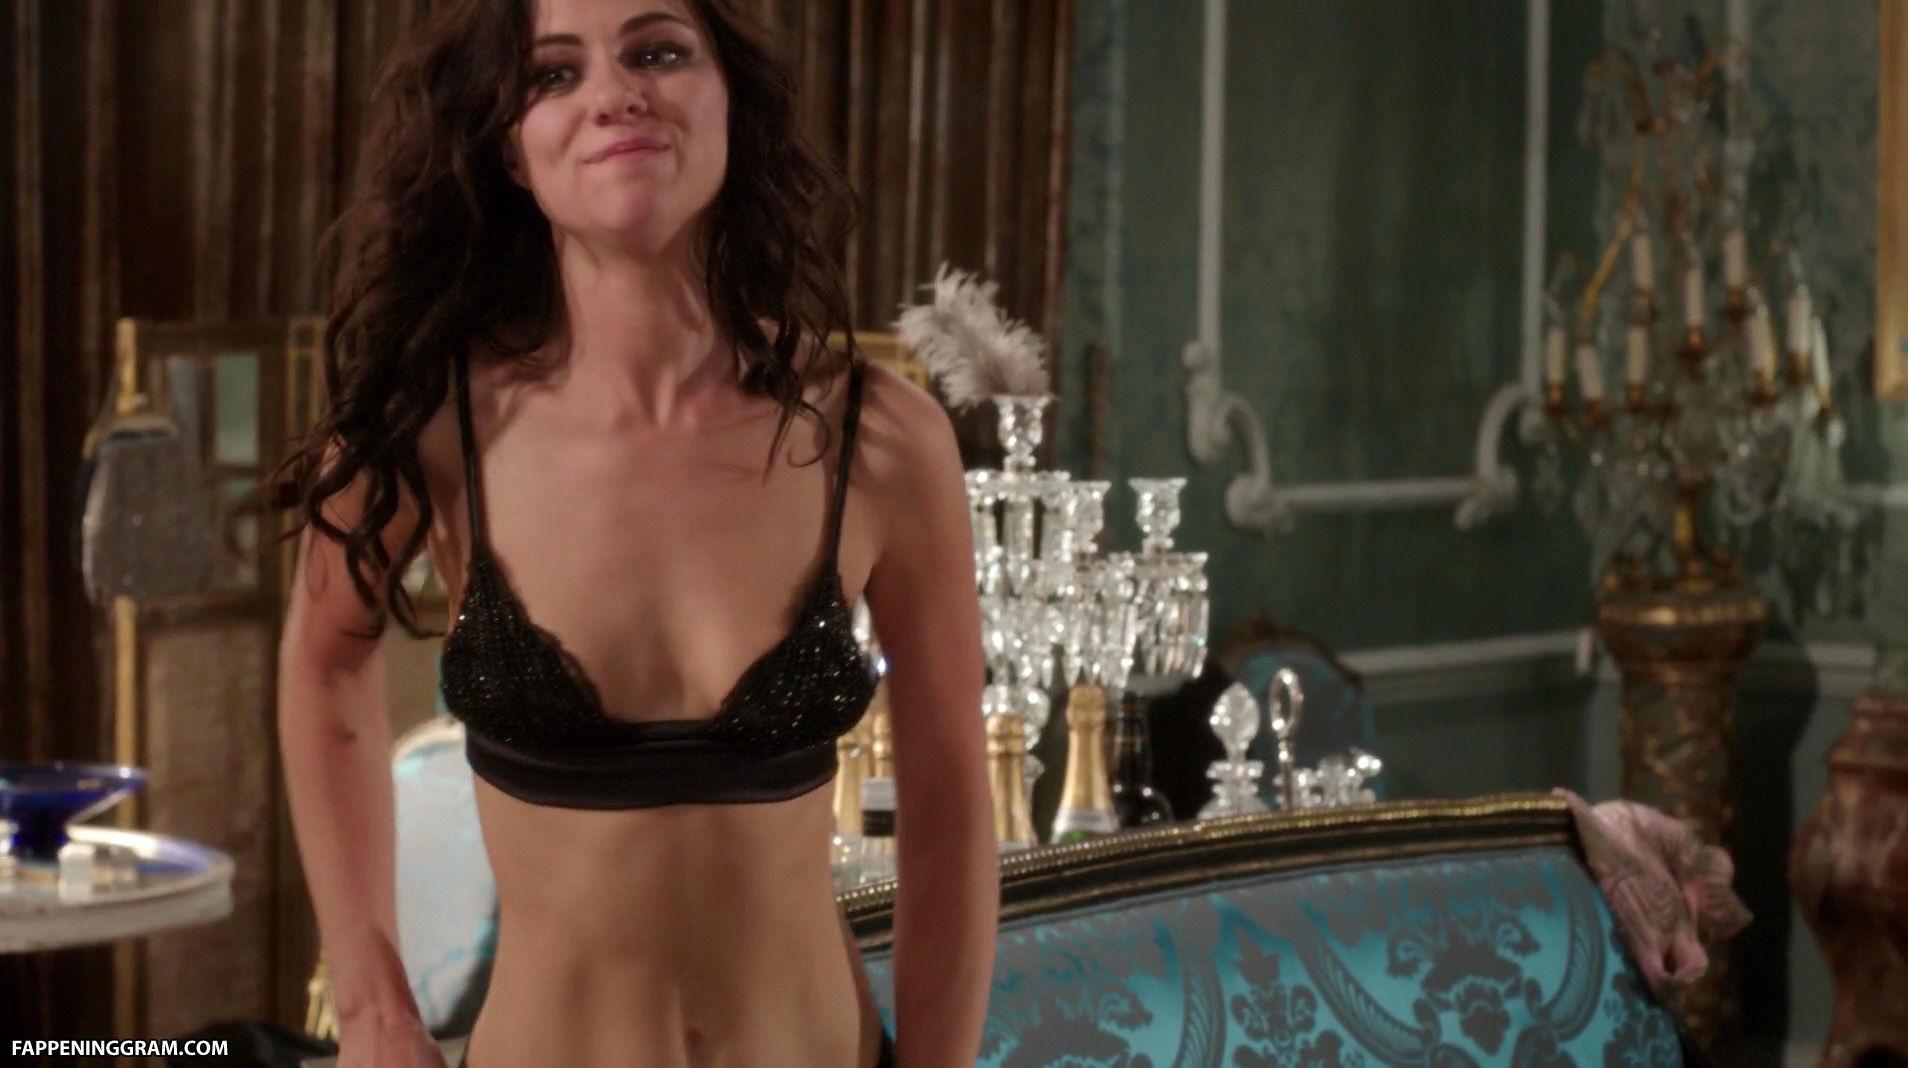 Alexandra Park Nude The Fappening - FappeningGram